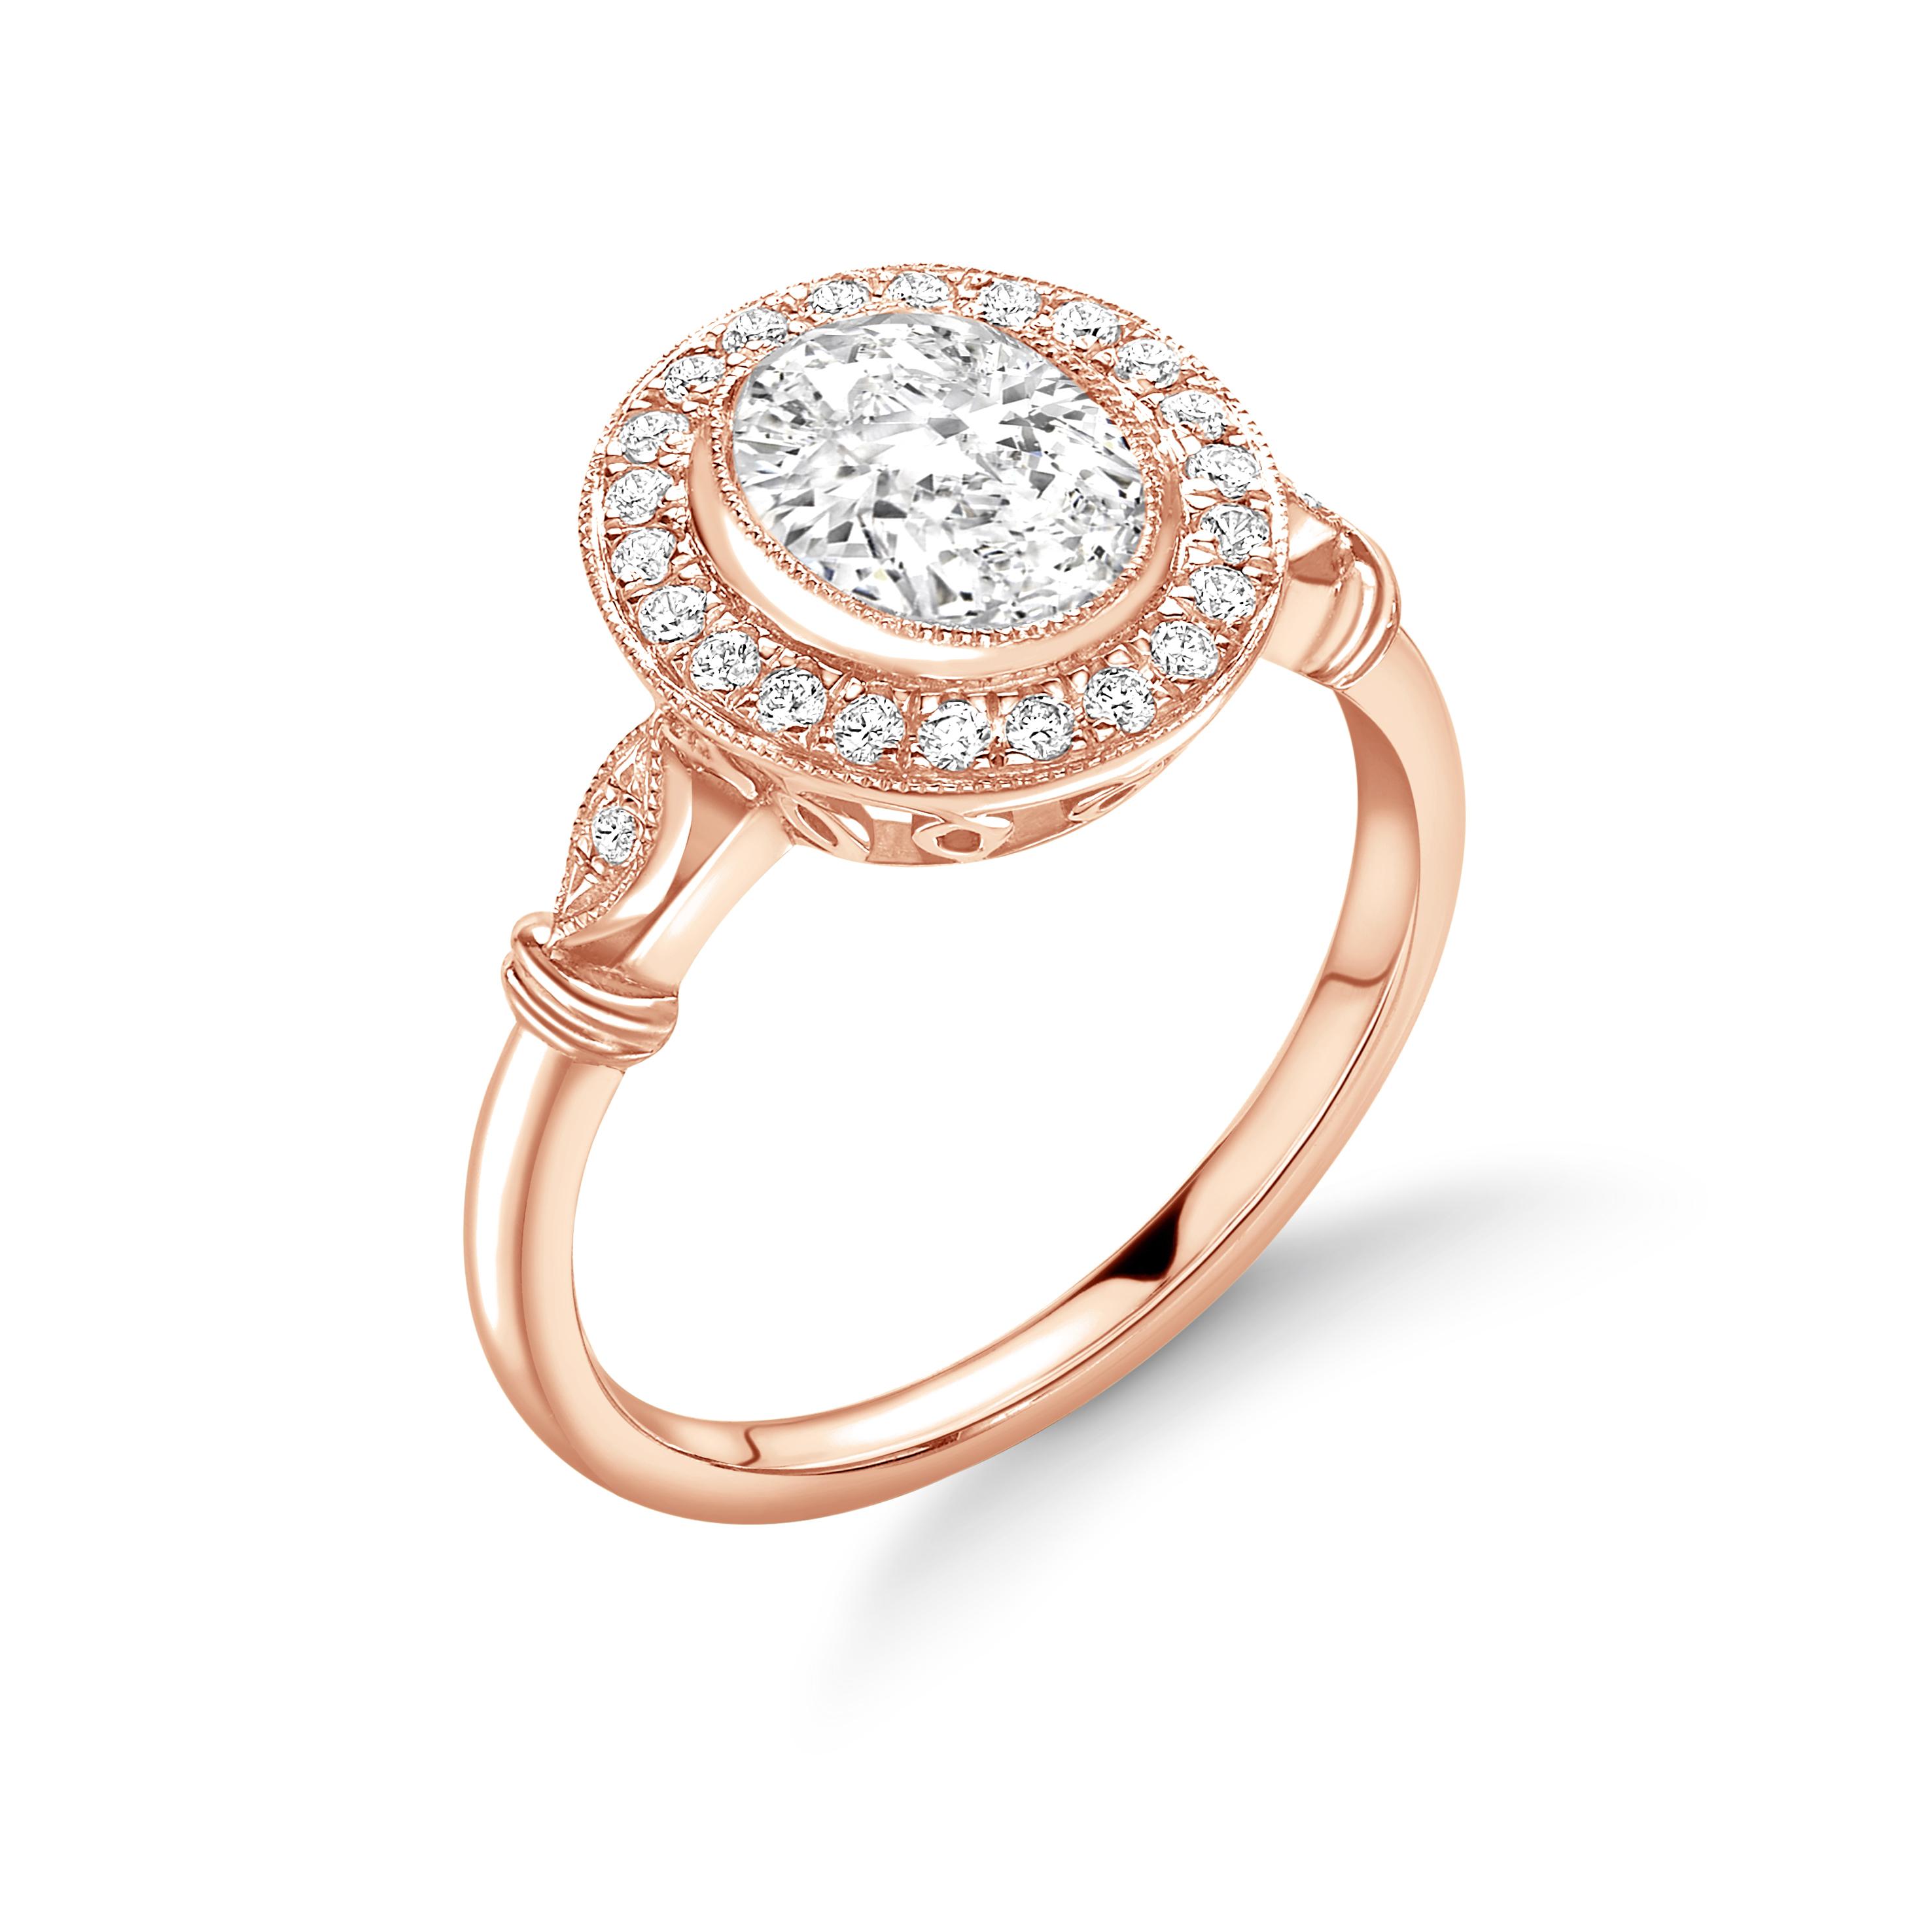 Bezel Setting Round Shape Vintage Style Miligrain Halo Diamond Engagement Rings